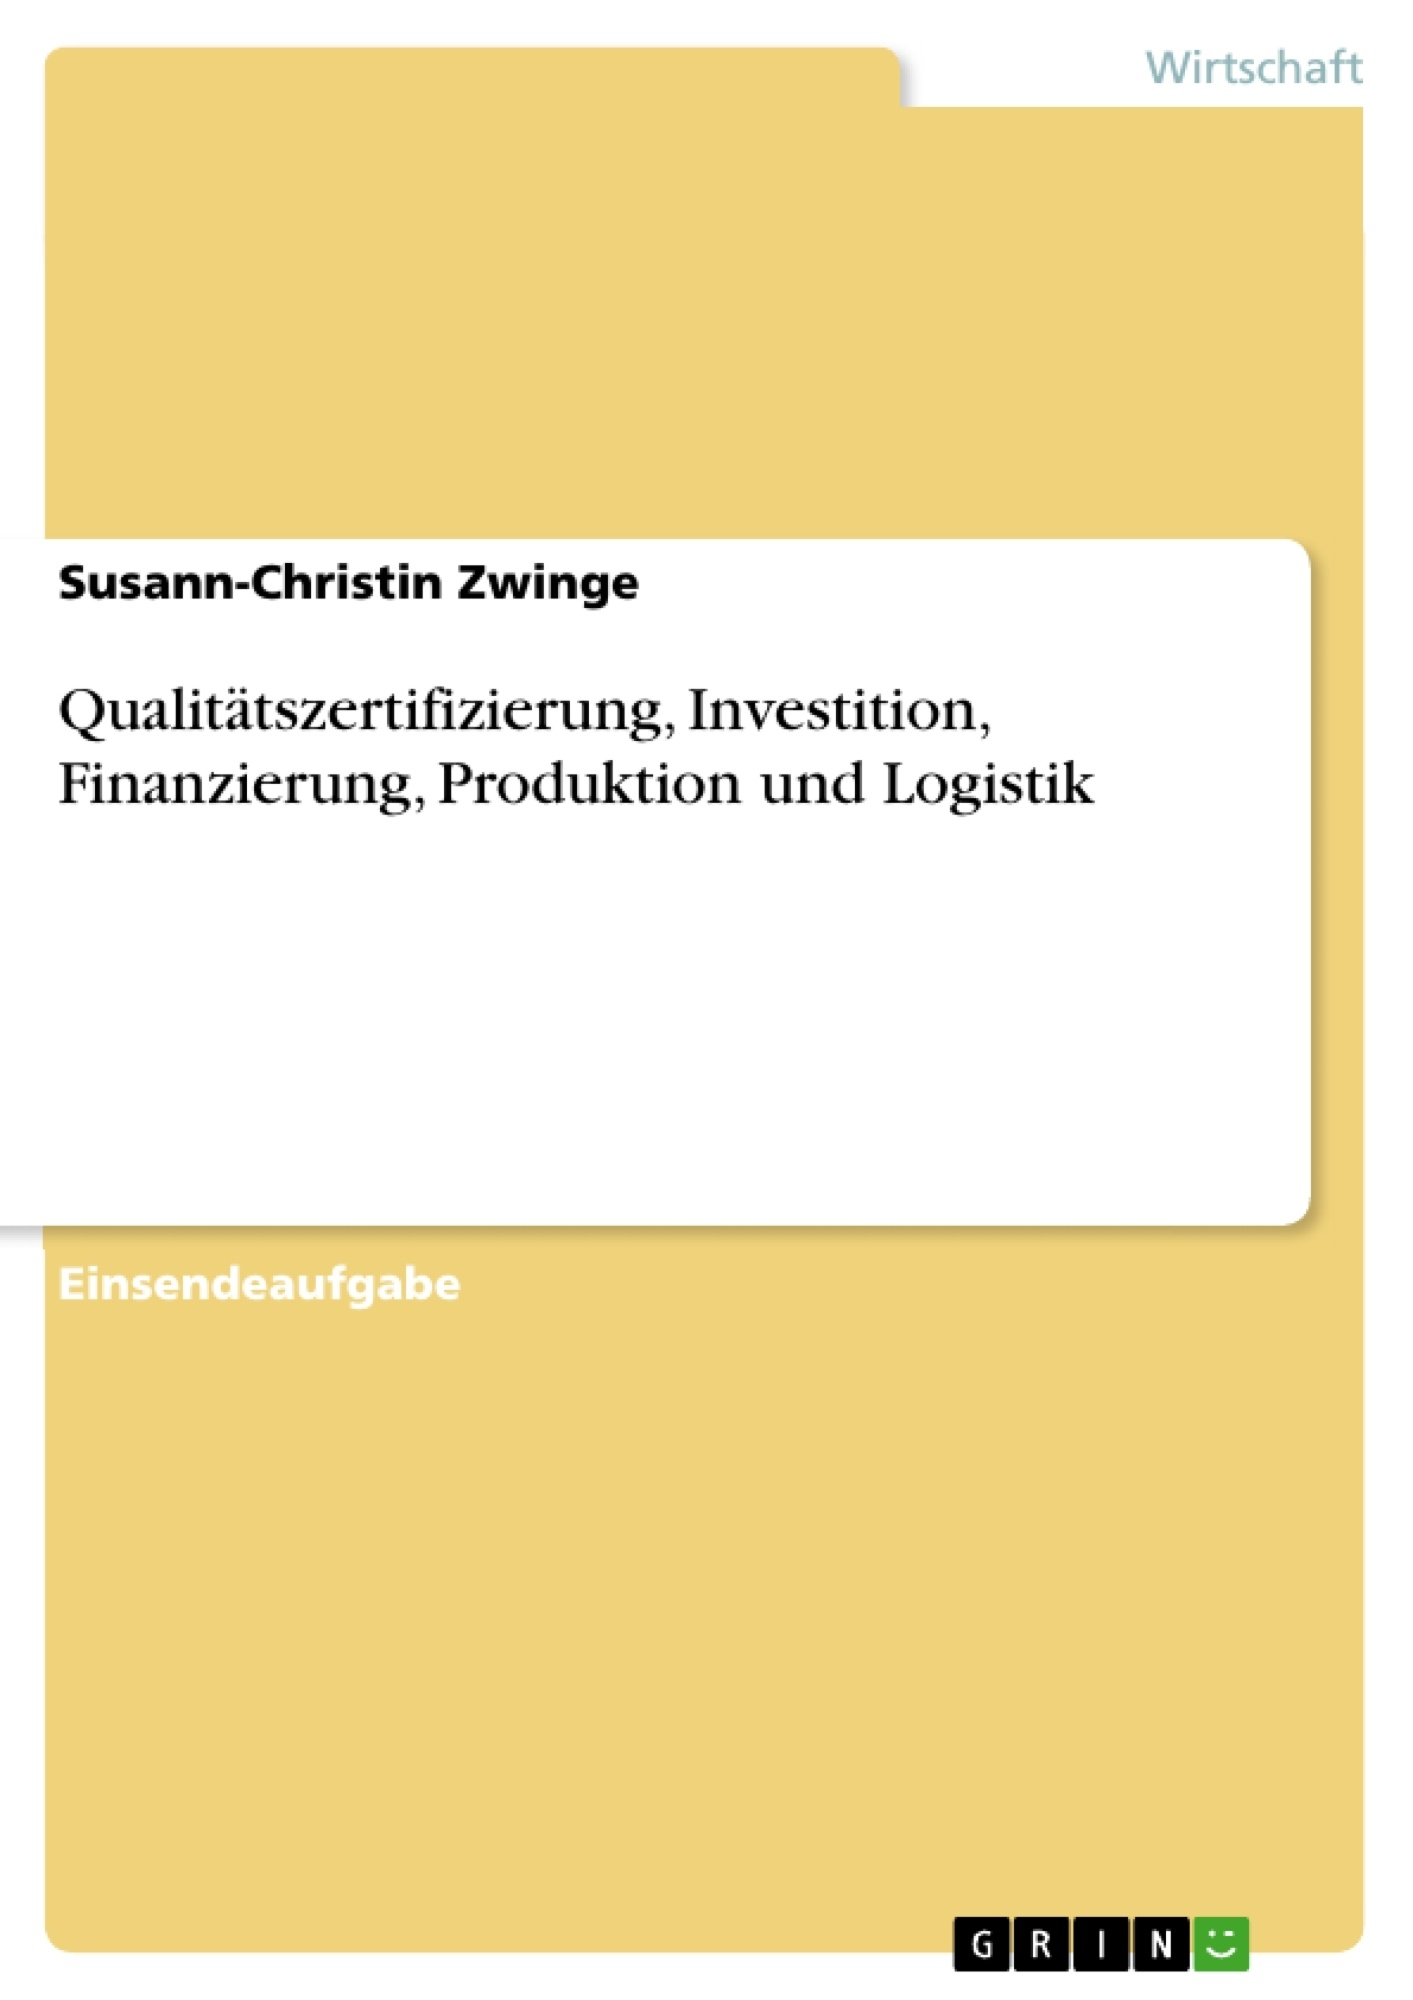 Titel: Qualitätszertifizierung, Investition, Finanzierung, Produktion und Logistik